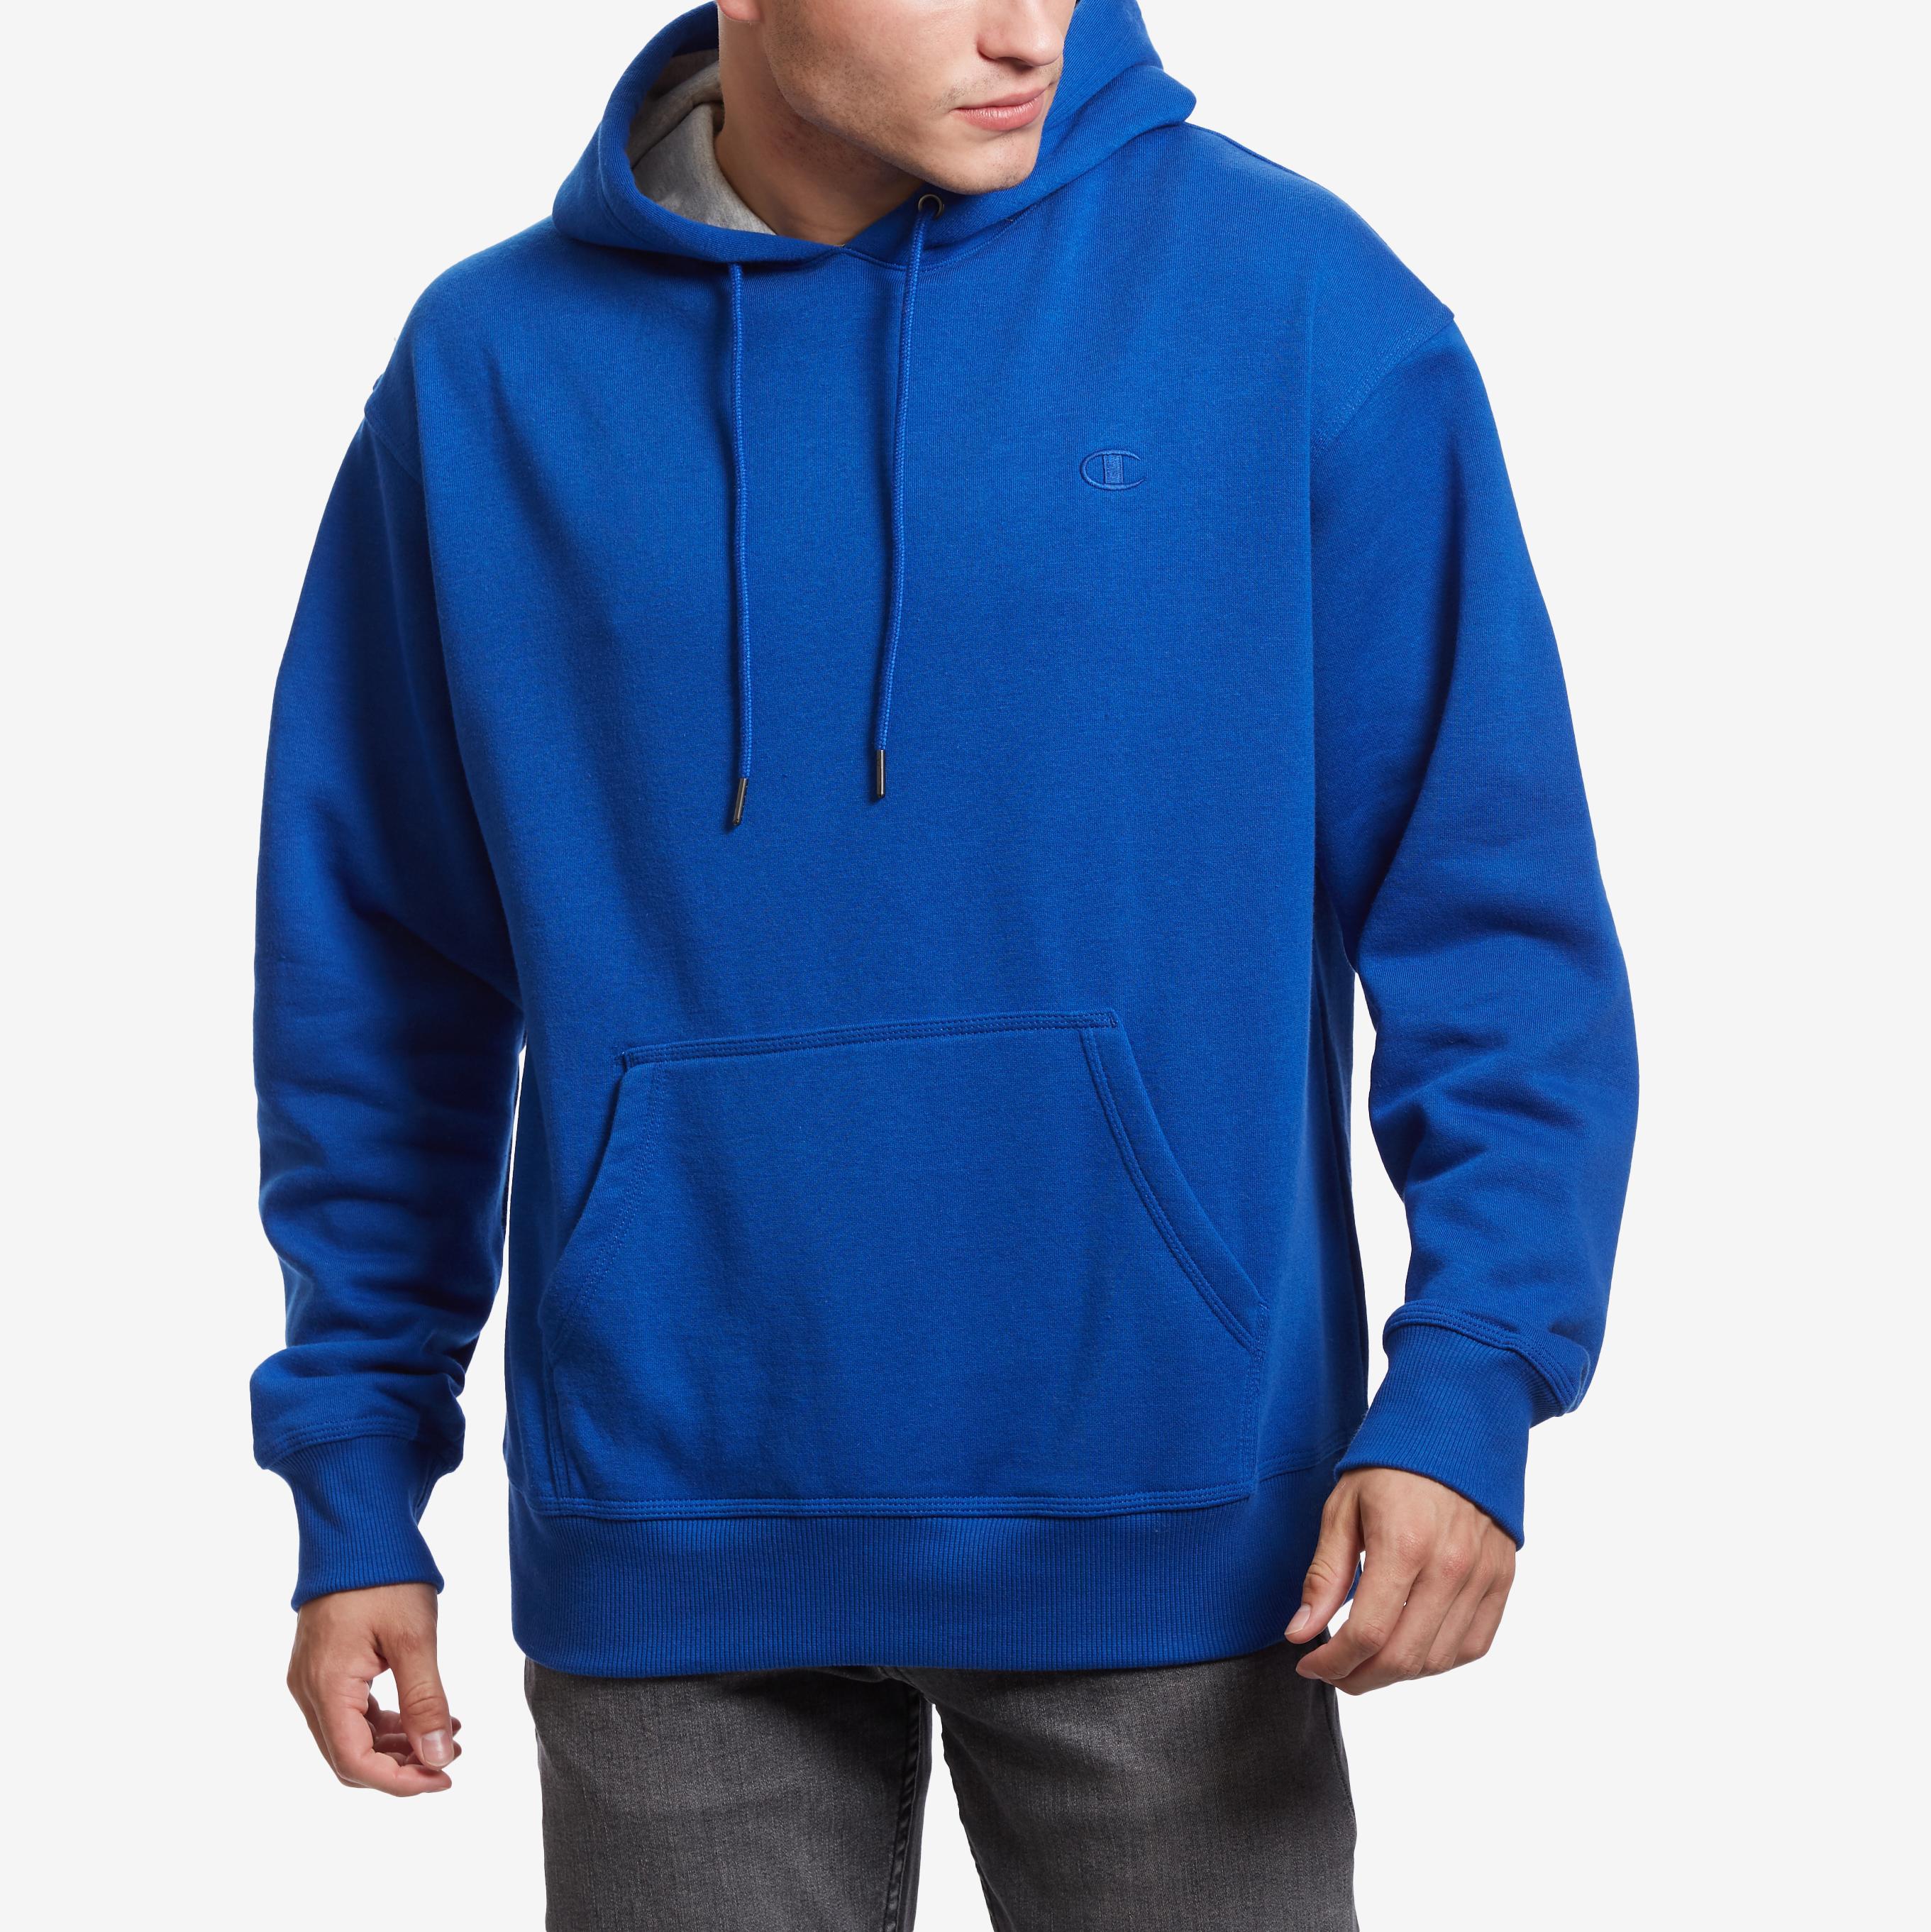 Men's Powerblend Sweats Pullover Hoodie